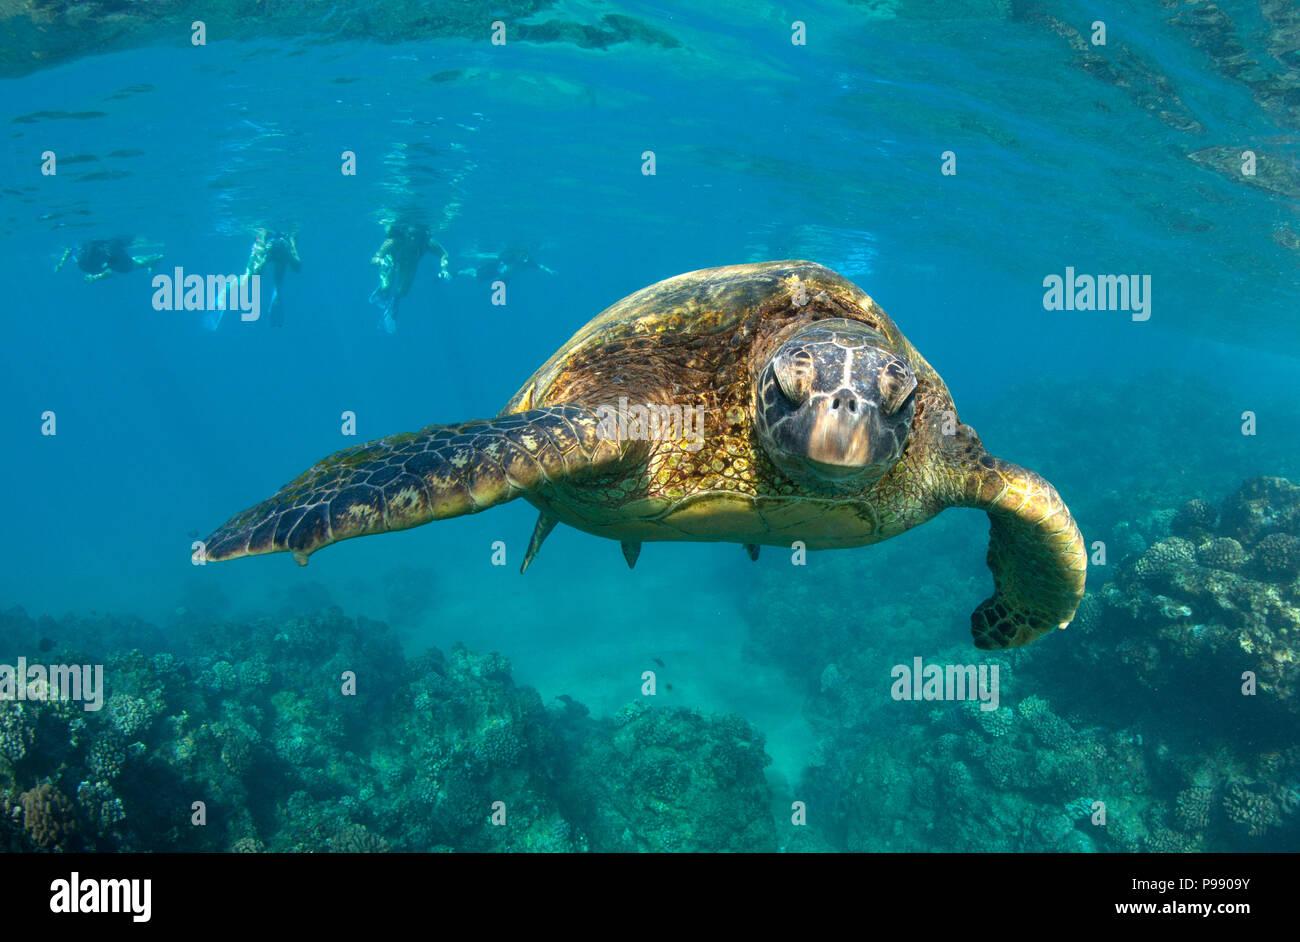 Encuentro de tortugas verdes en Black Rock, Ka'anapali, Maui, Hawaii. Foto de stock